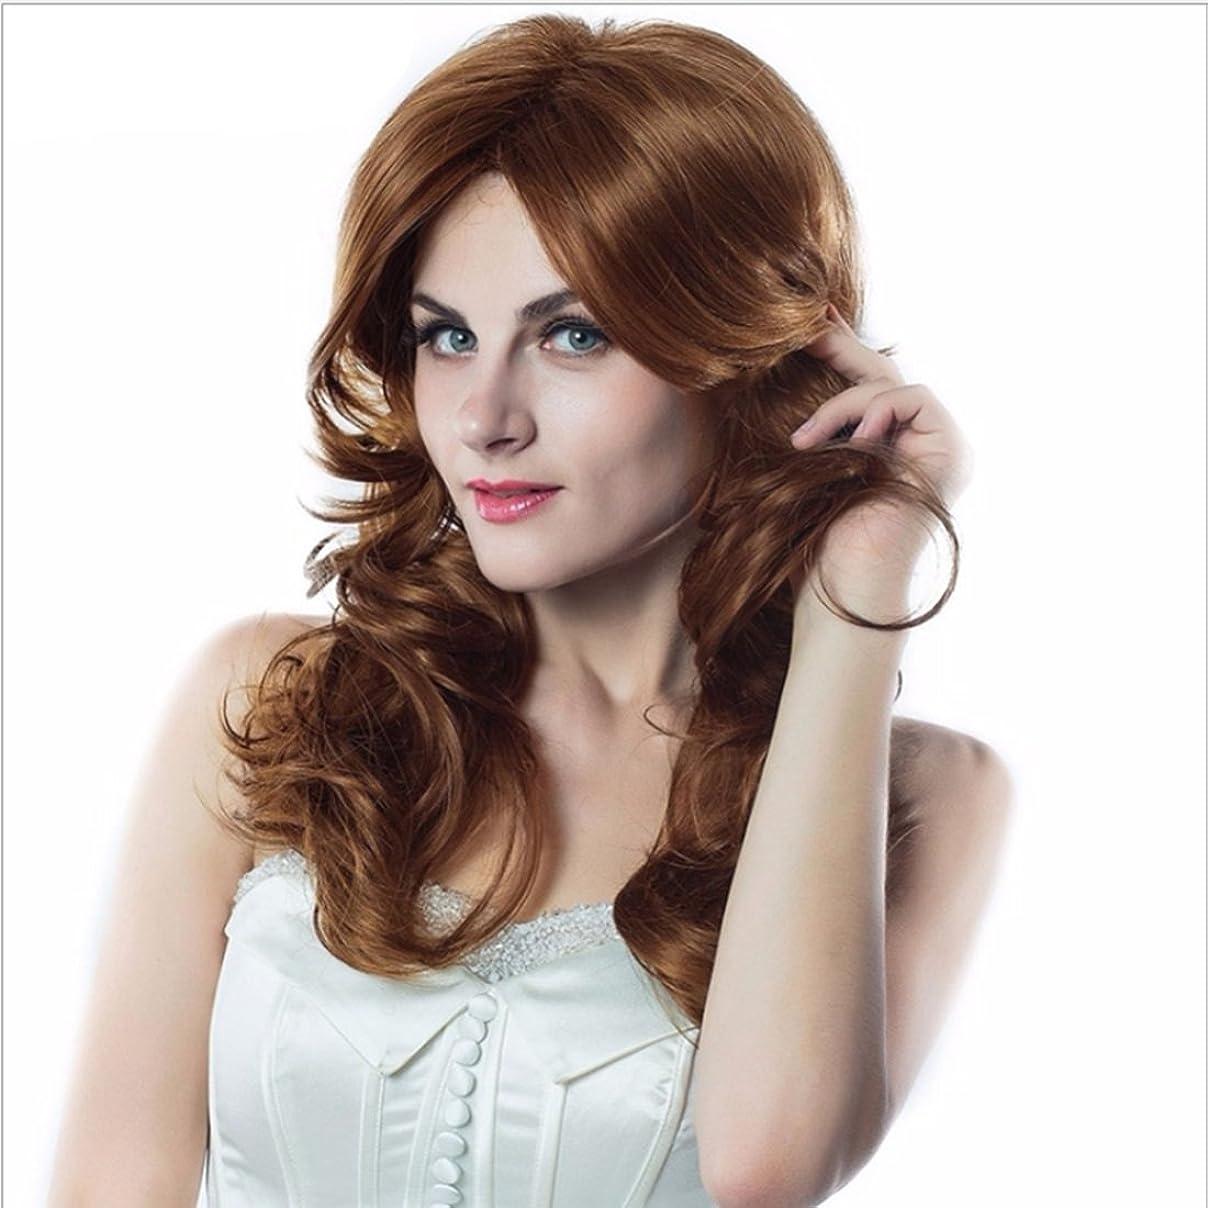 年ジョリー思いやりYESONEEP 女性のかつらのための長い大きな波状の巻き毛のかつら自然色ゴールド斜め前髪かつらコスプレかつら45センチファッションかつら (Color : 金色)